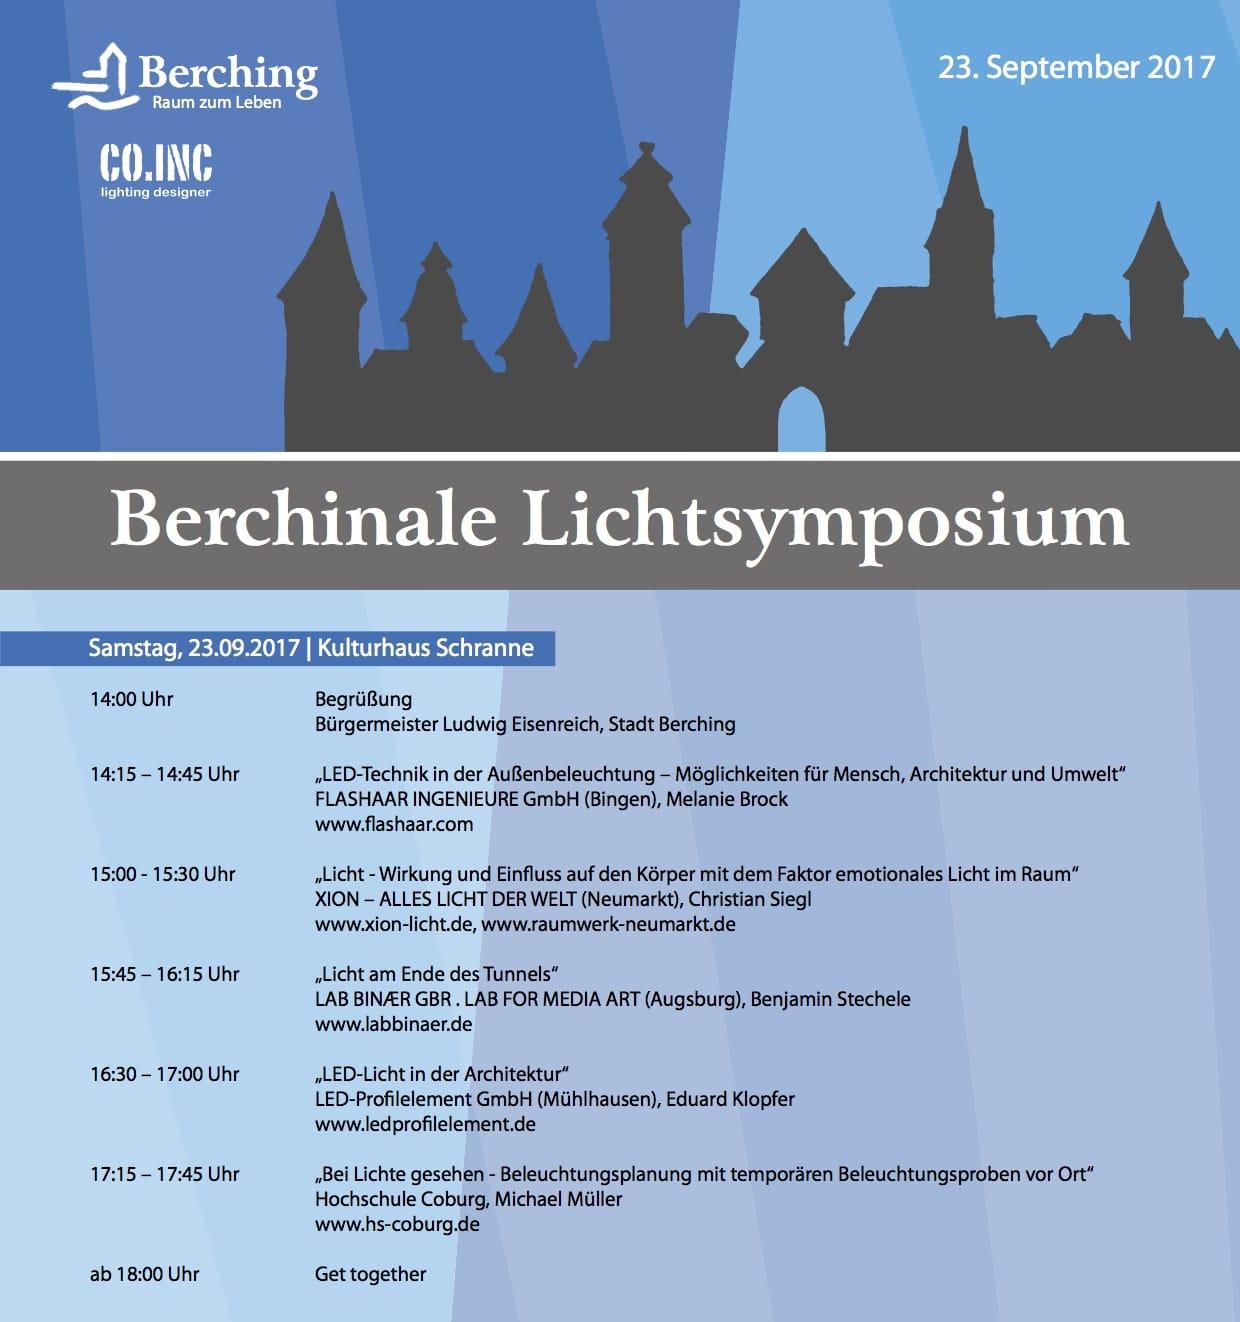 Berchinale Lichtsymposium